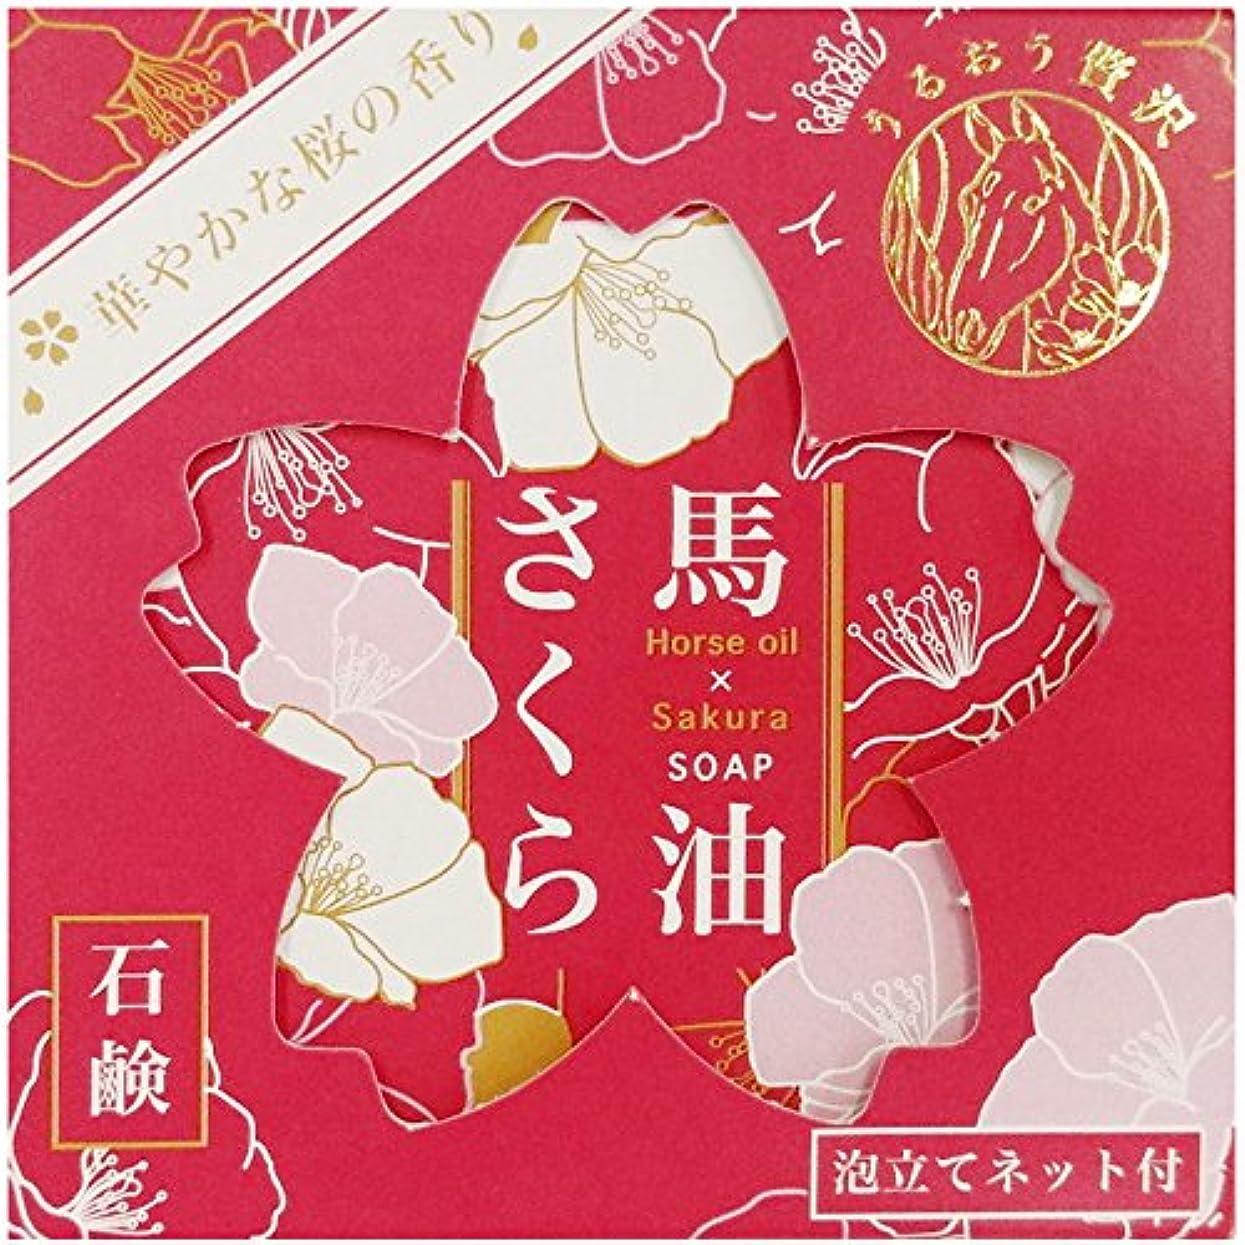 フォーカスお香純度馬油さくら石鹸 (泡立てネット付き)(100g)